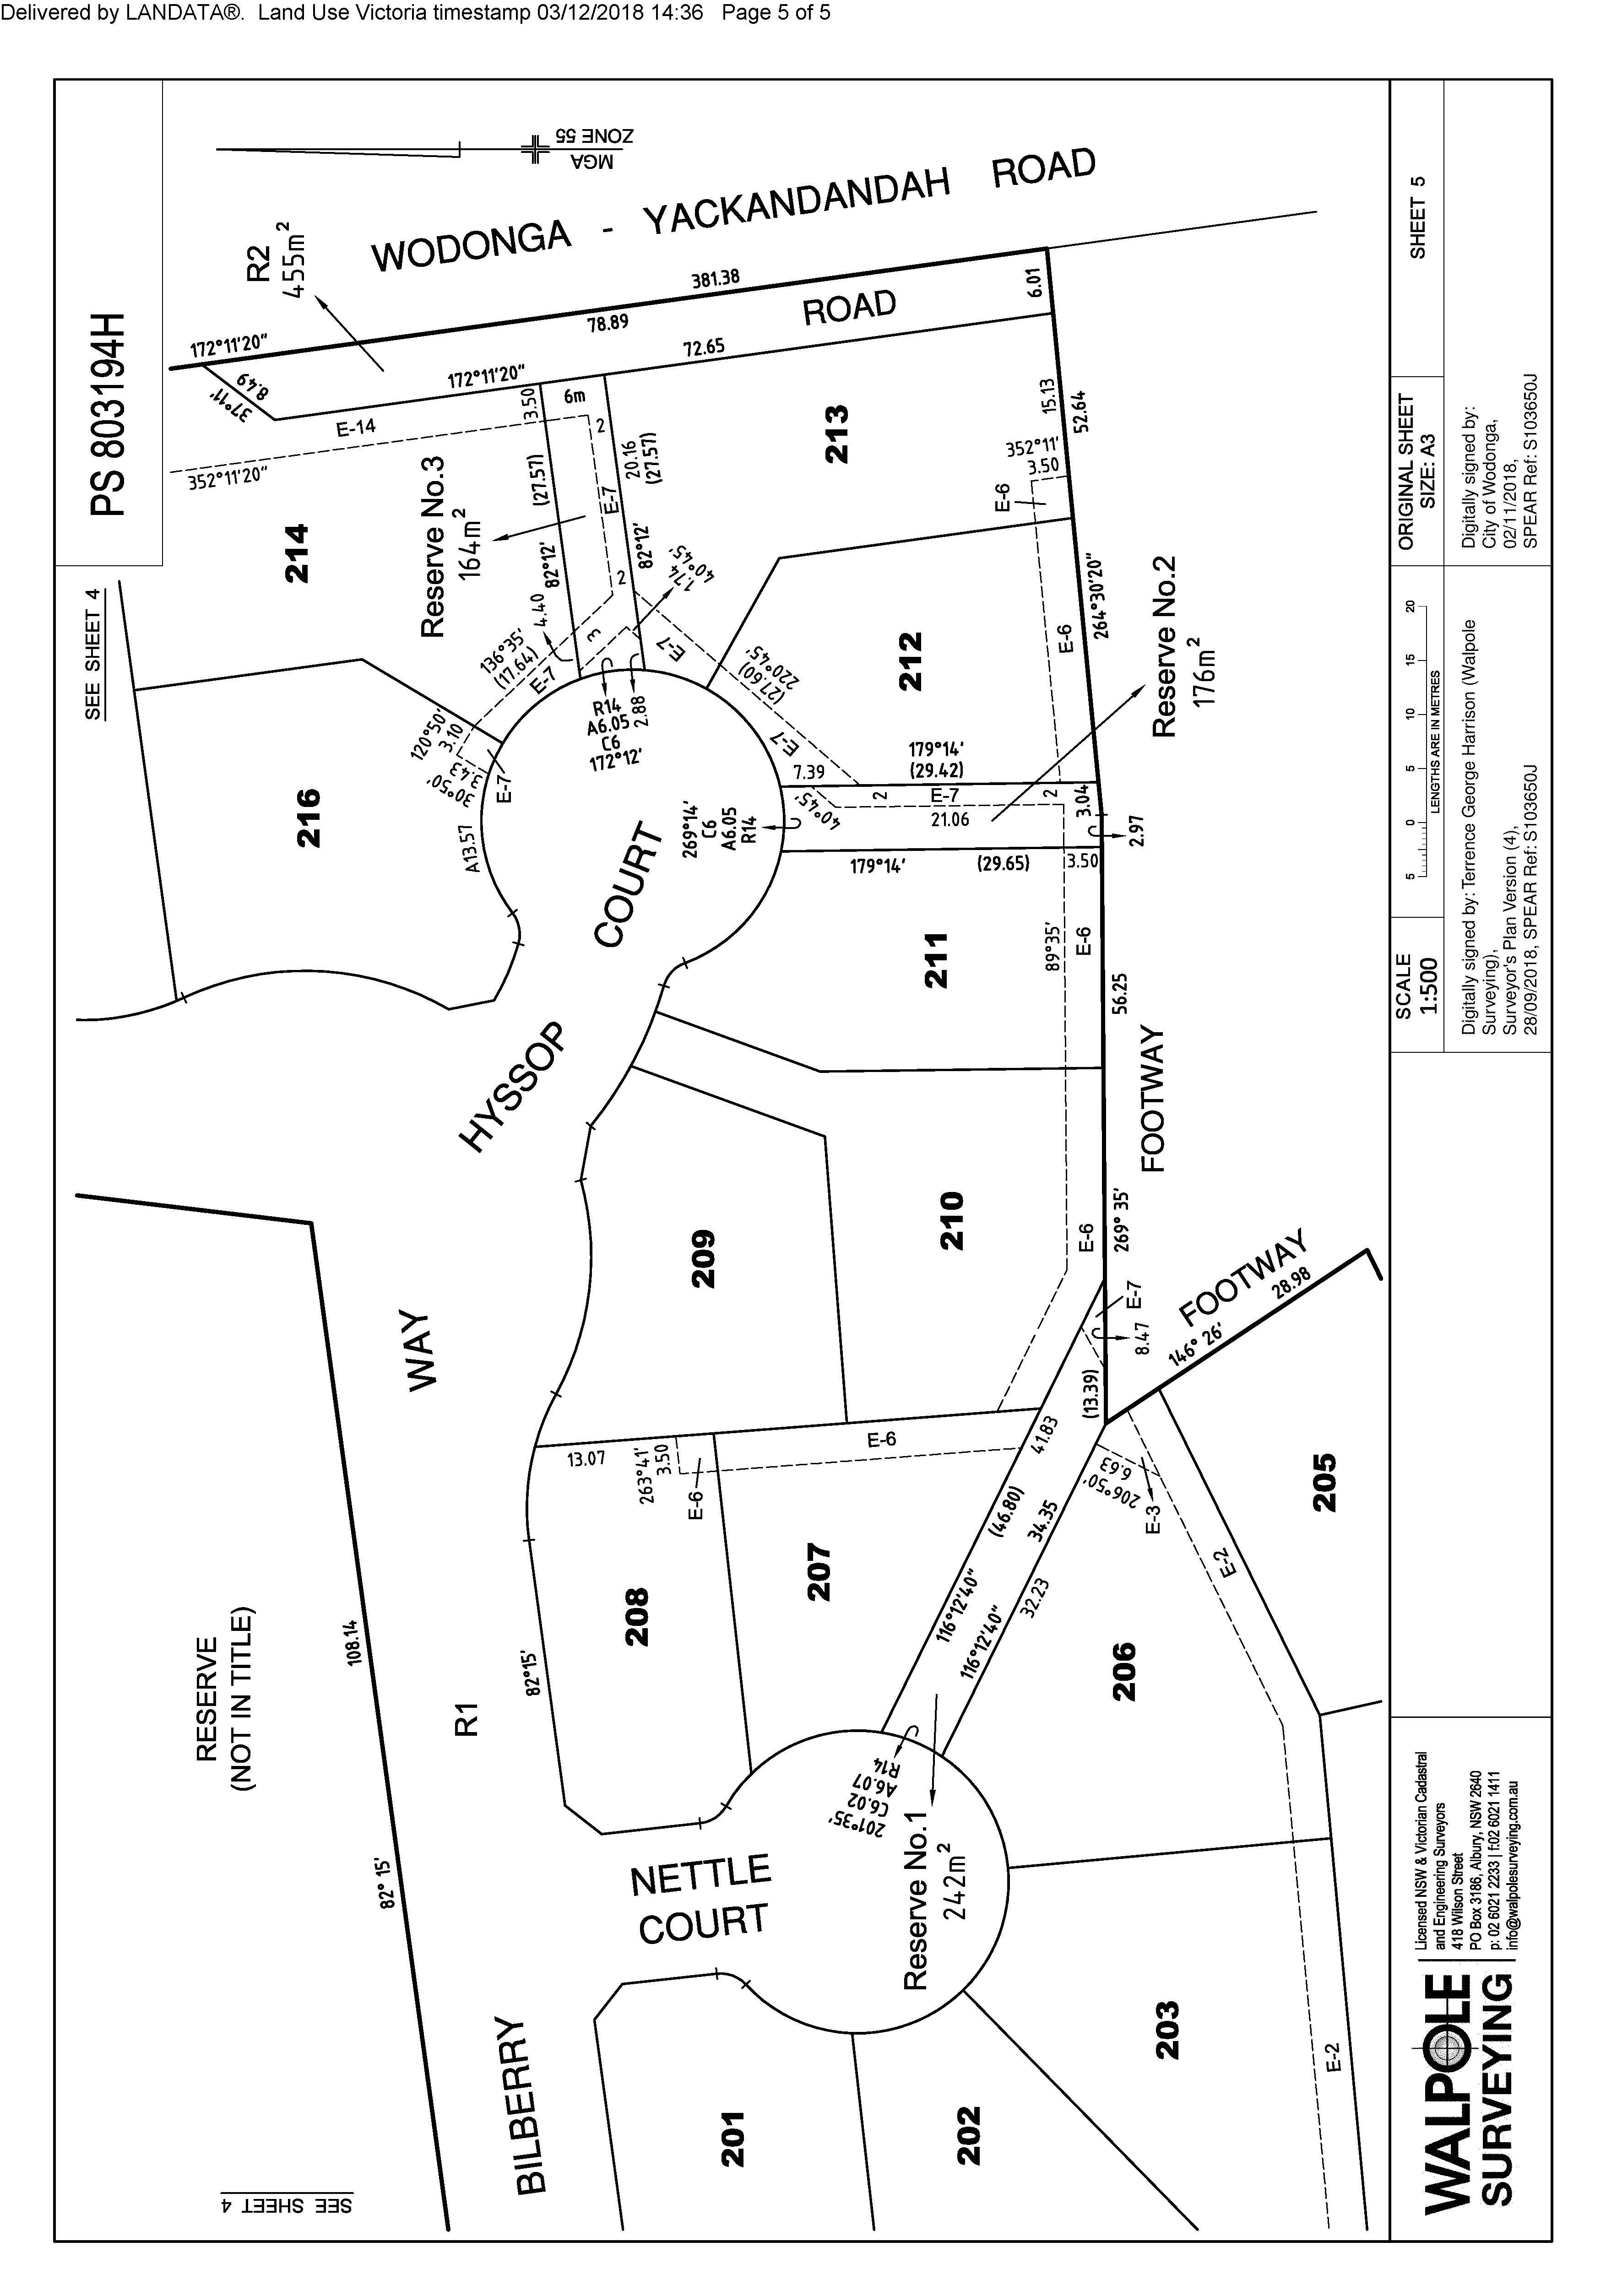 216 map Baranduda-Grove-21.6.2019.jpg